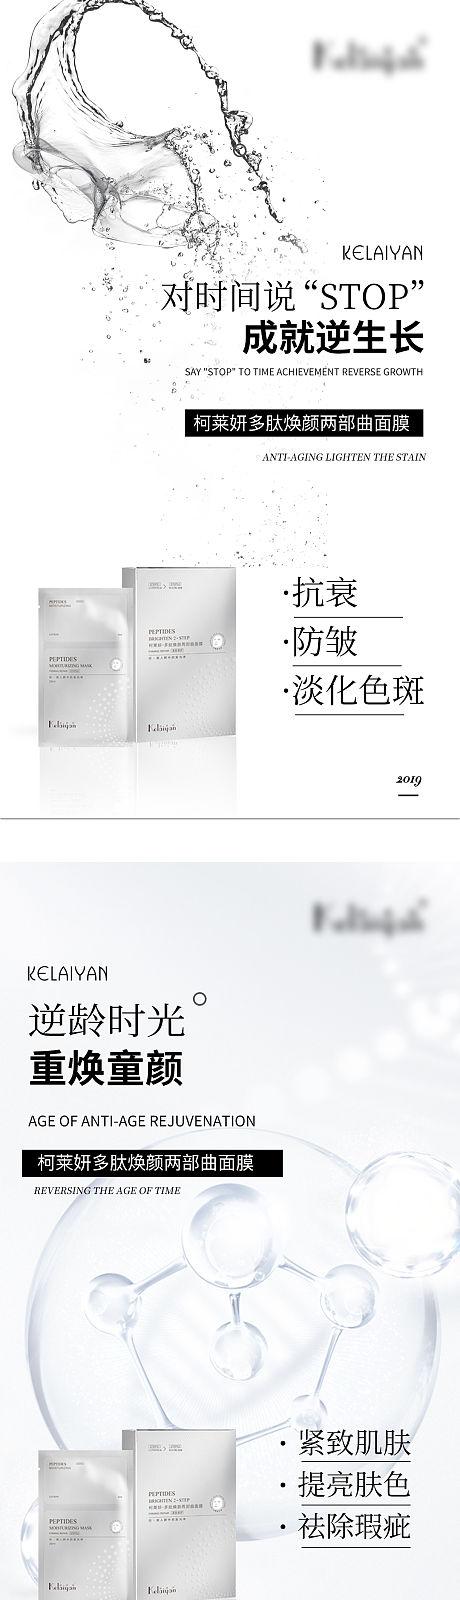 医美美容整形产品促销宣传海报-源文件